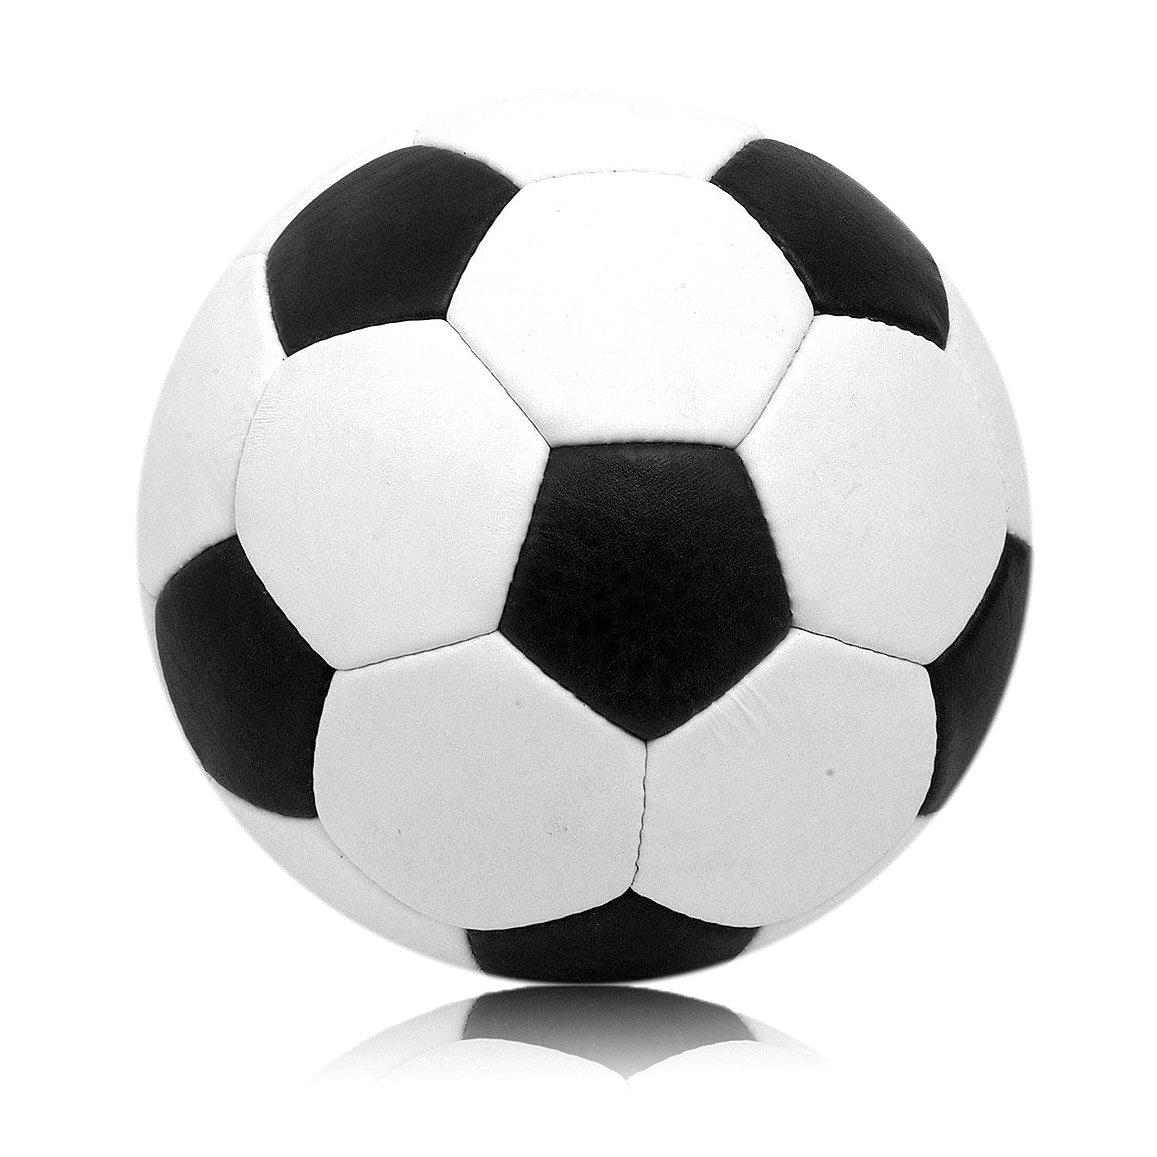 Football club in Horley, teams for boys & girls - Gatwick United